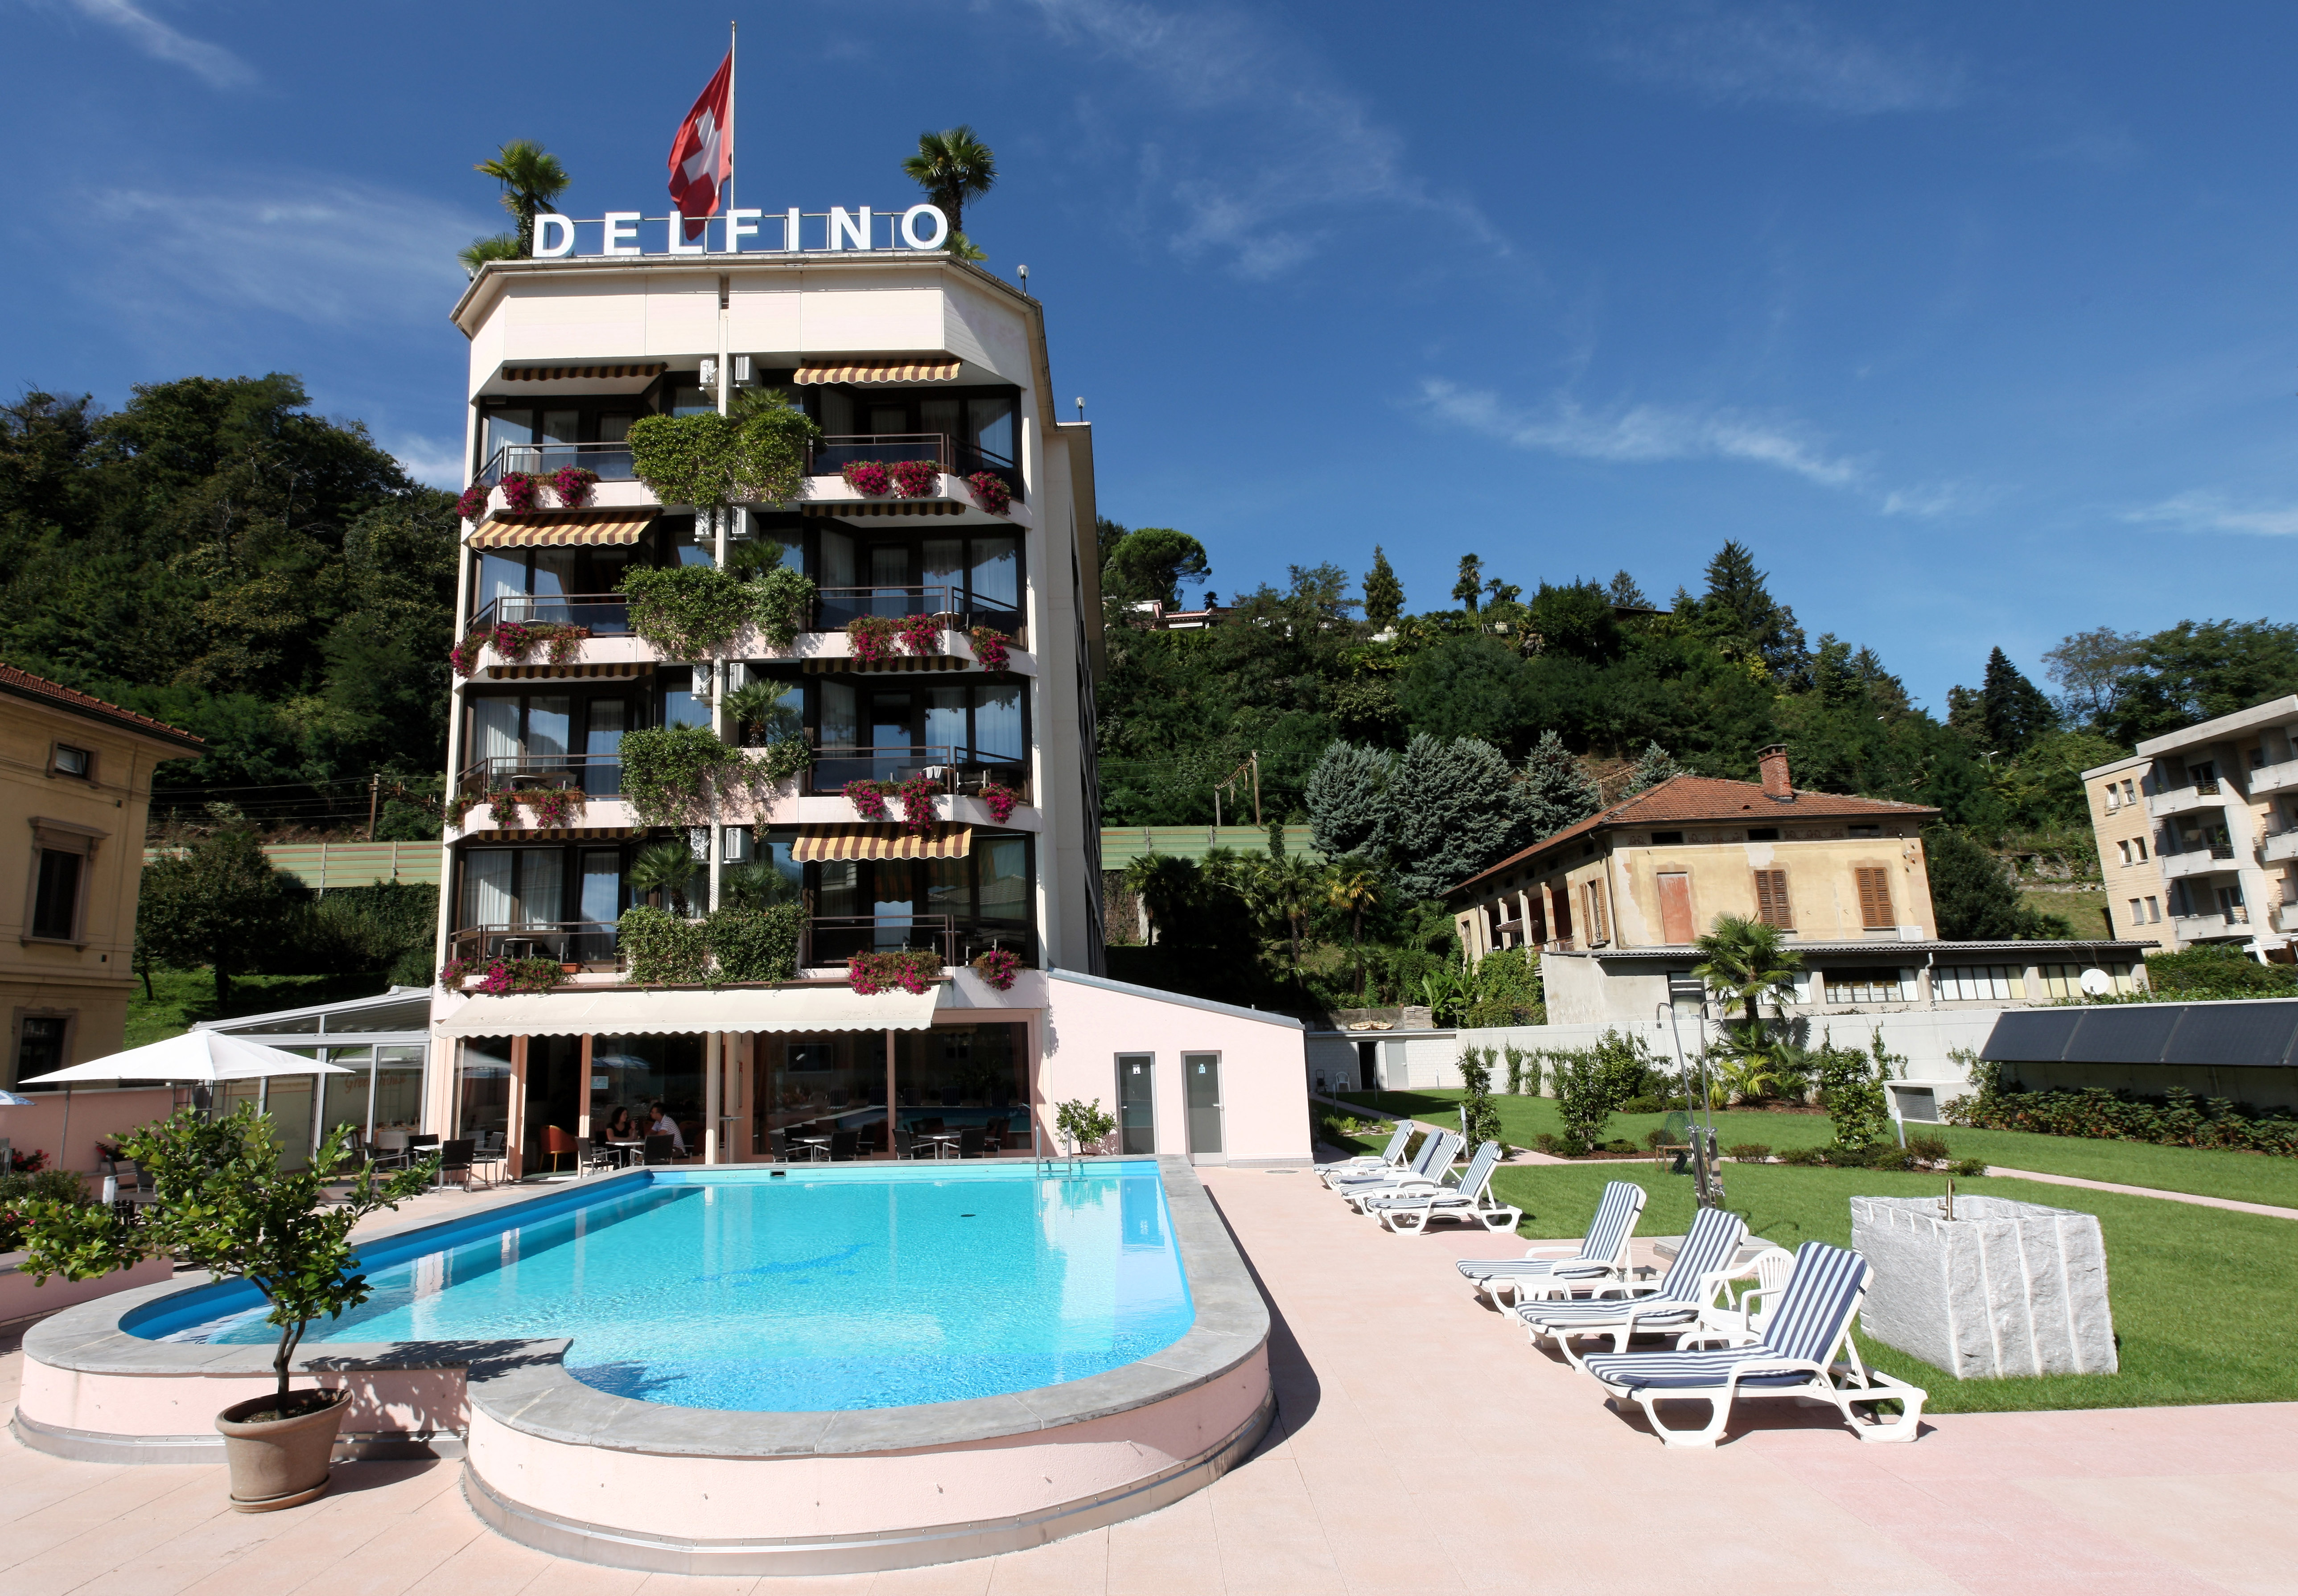 City Hotel Delfino